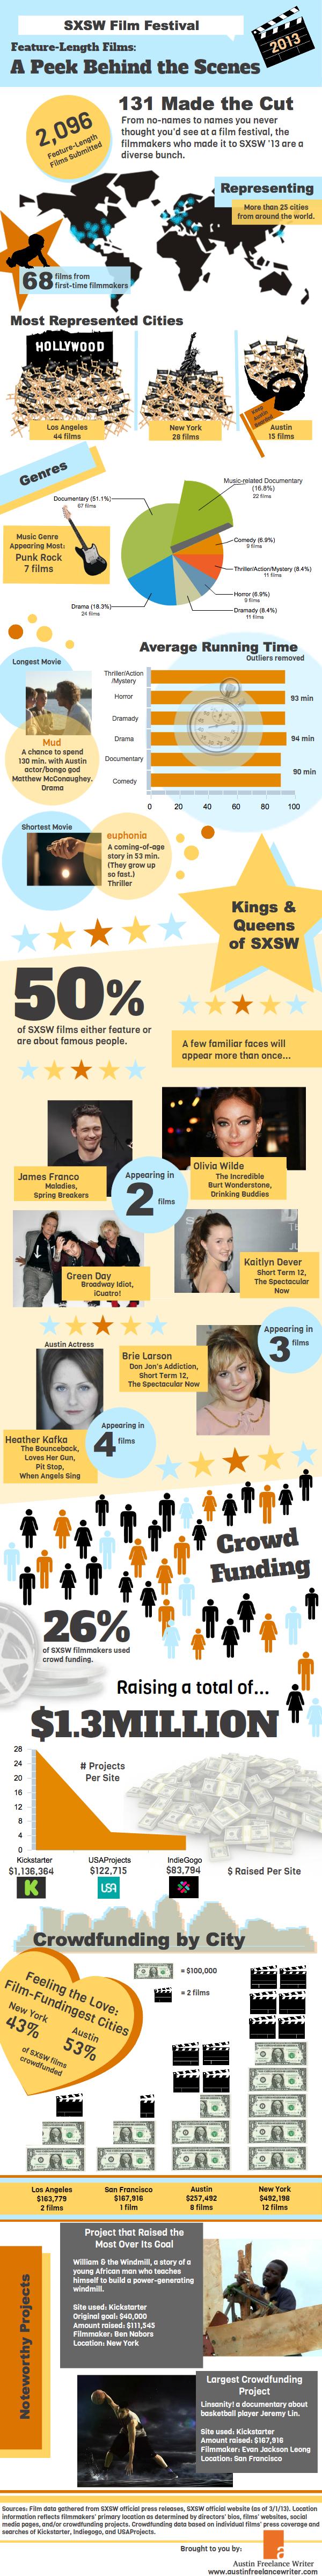 SXSW film infographic